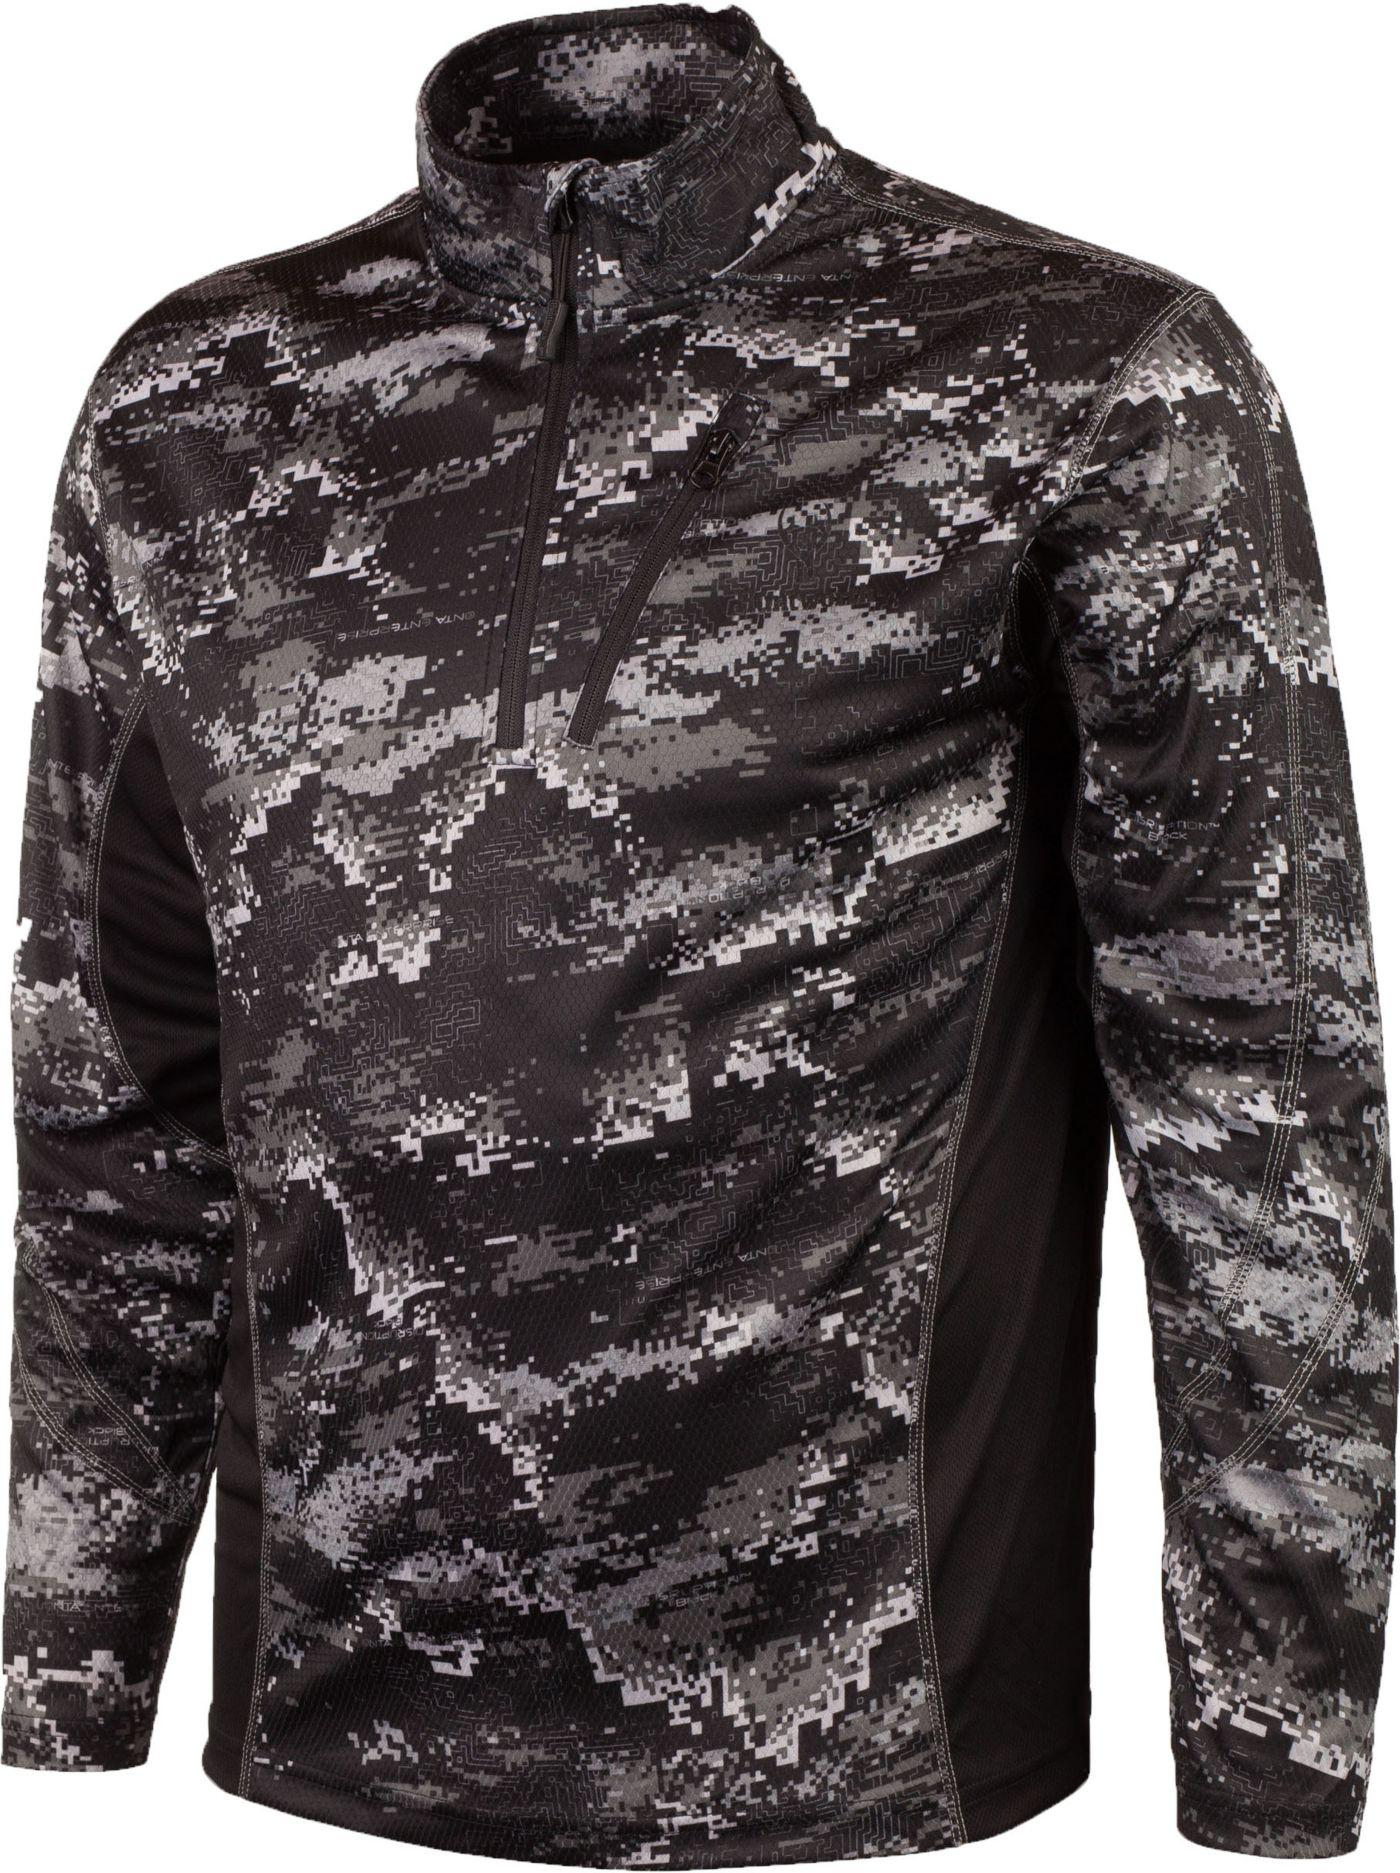 Huntworth Men's 1/4 Zip Shirt